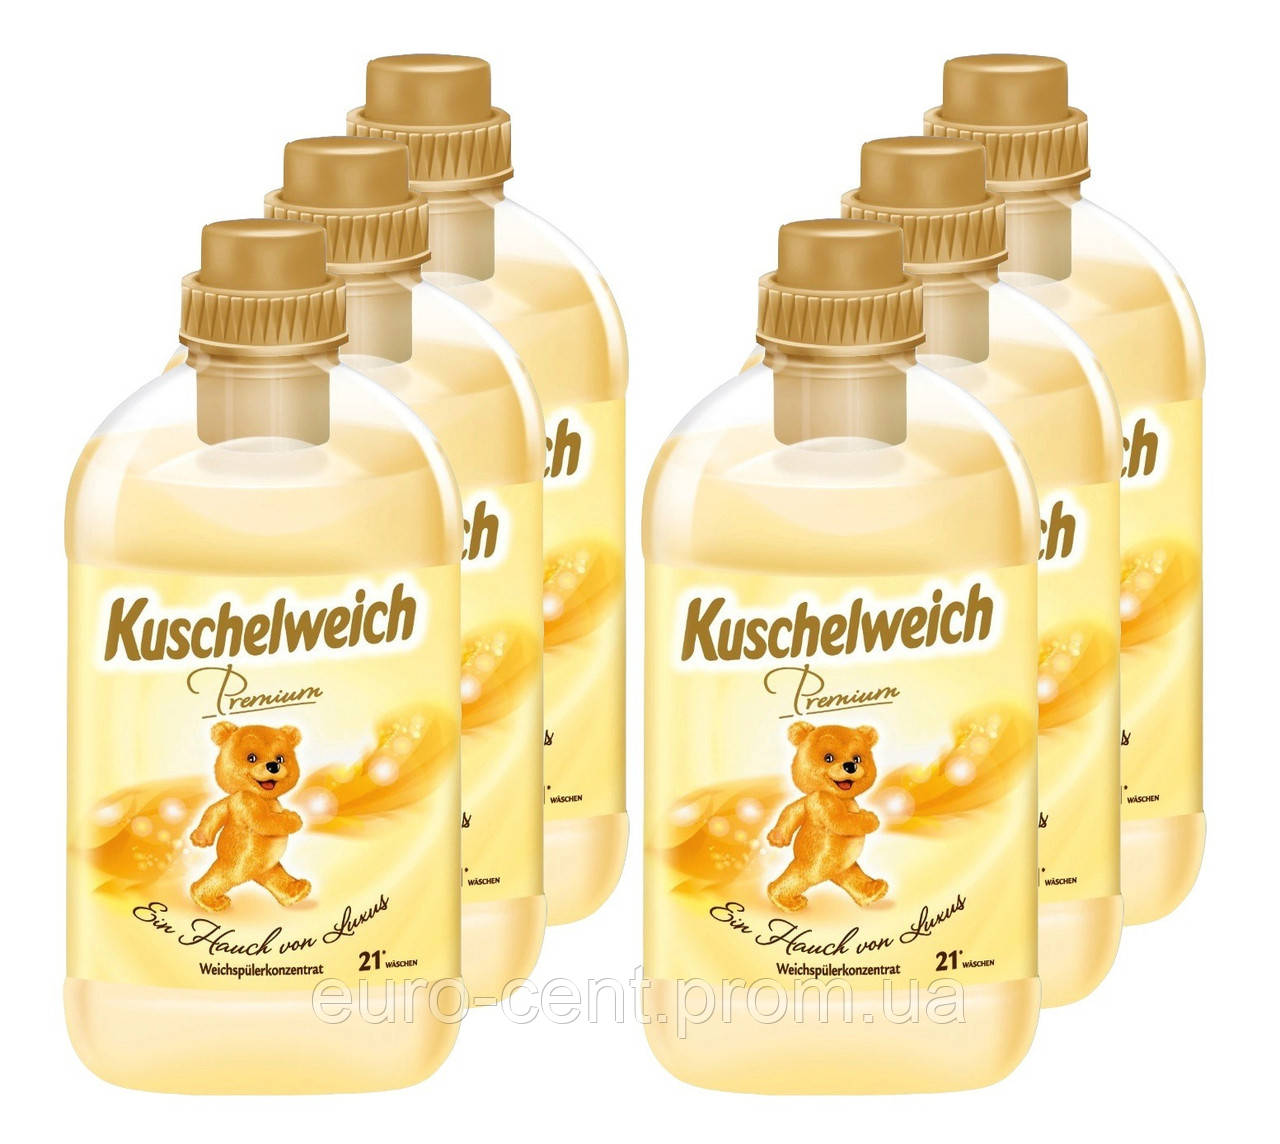 Кондиционер-ополаскиватель для белья Kuschelweich (Мишка) Premium Легкая роскошь